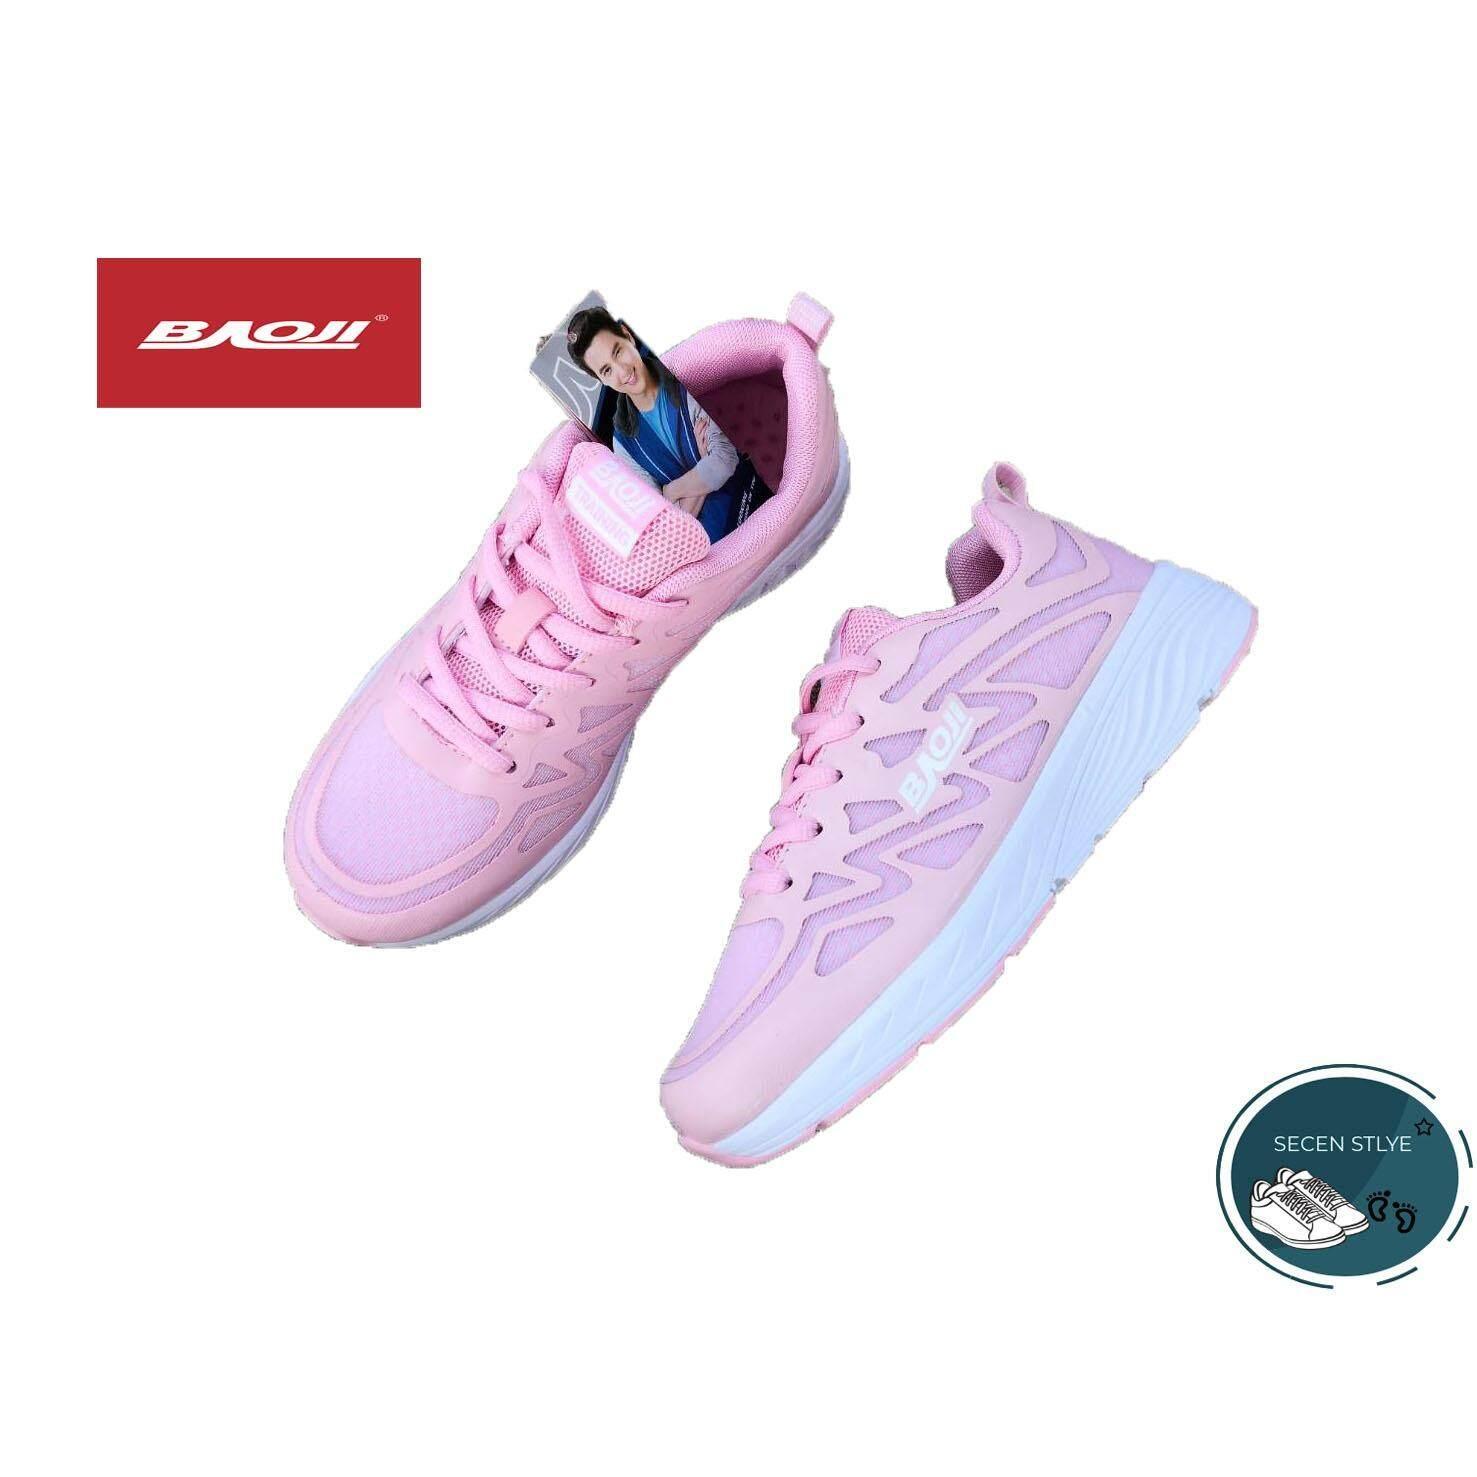 ขาย Baoji แท้ รุ่น Bjw 347 สำหรับผู้หญิง รองเท้าผ้าใบ สวมใส่สบาย เบา สีชมพู ไทย ถูก